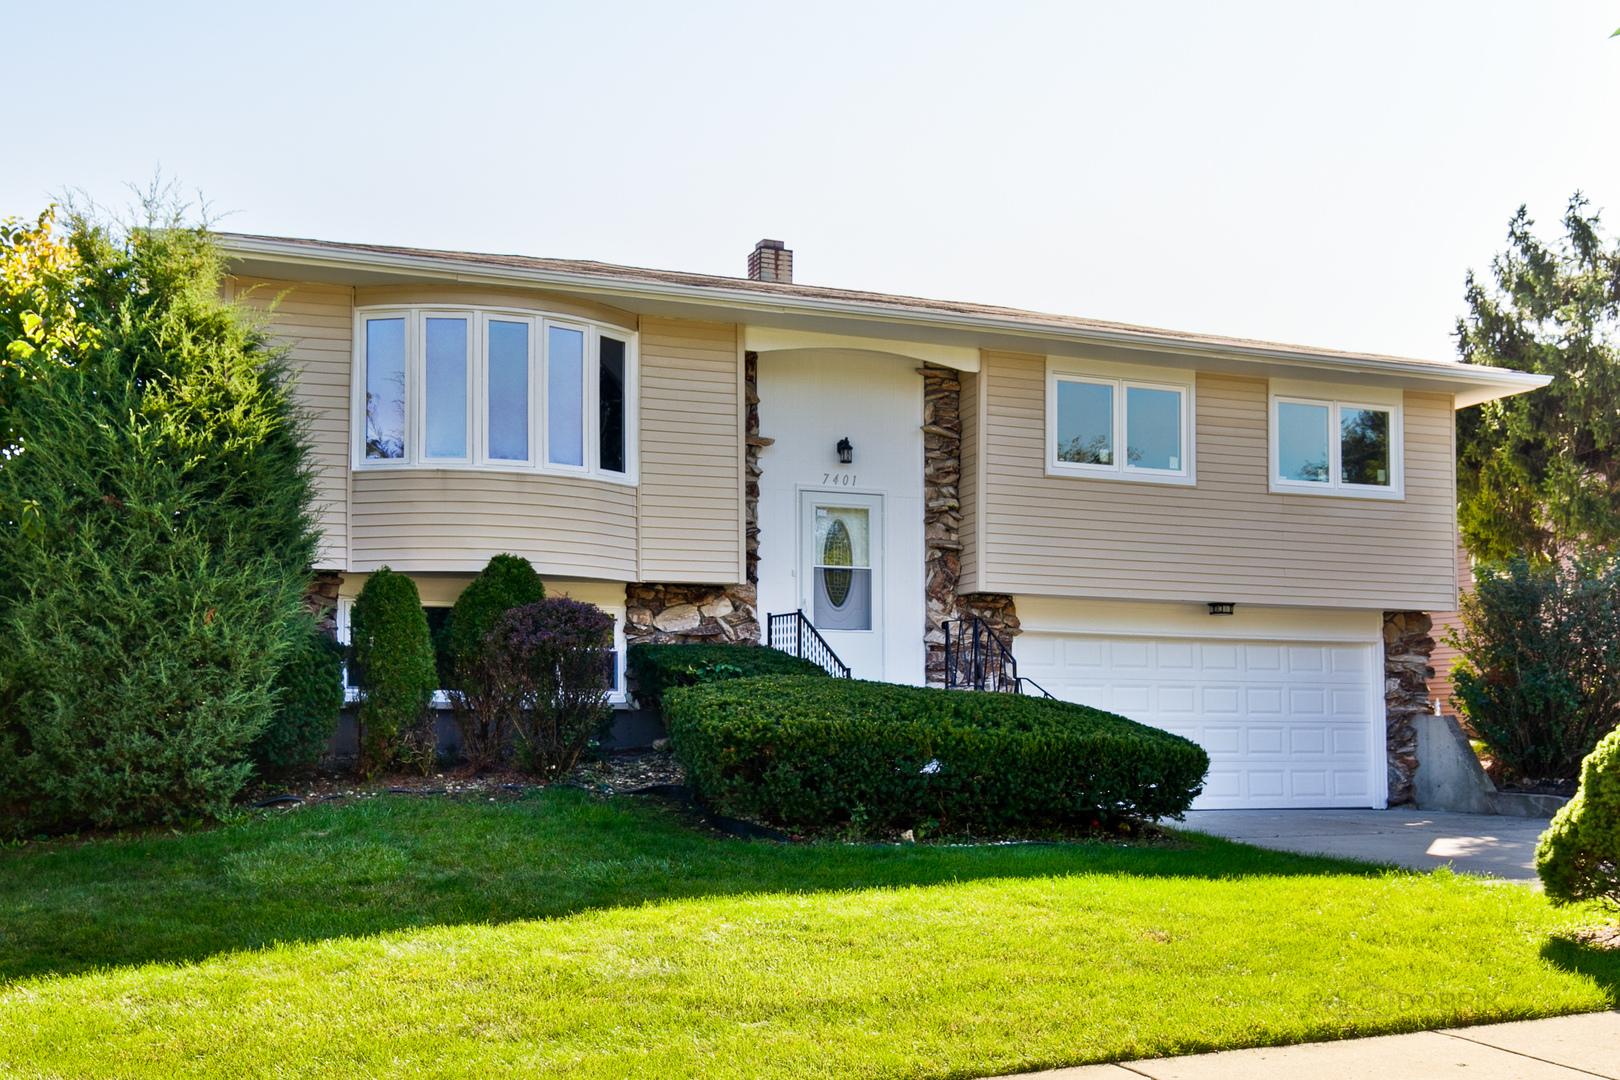 7401 East Avenue, Hanover Park, Illinois